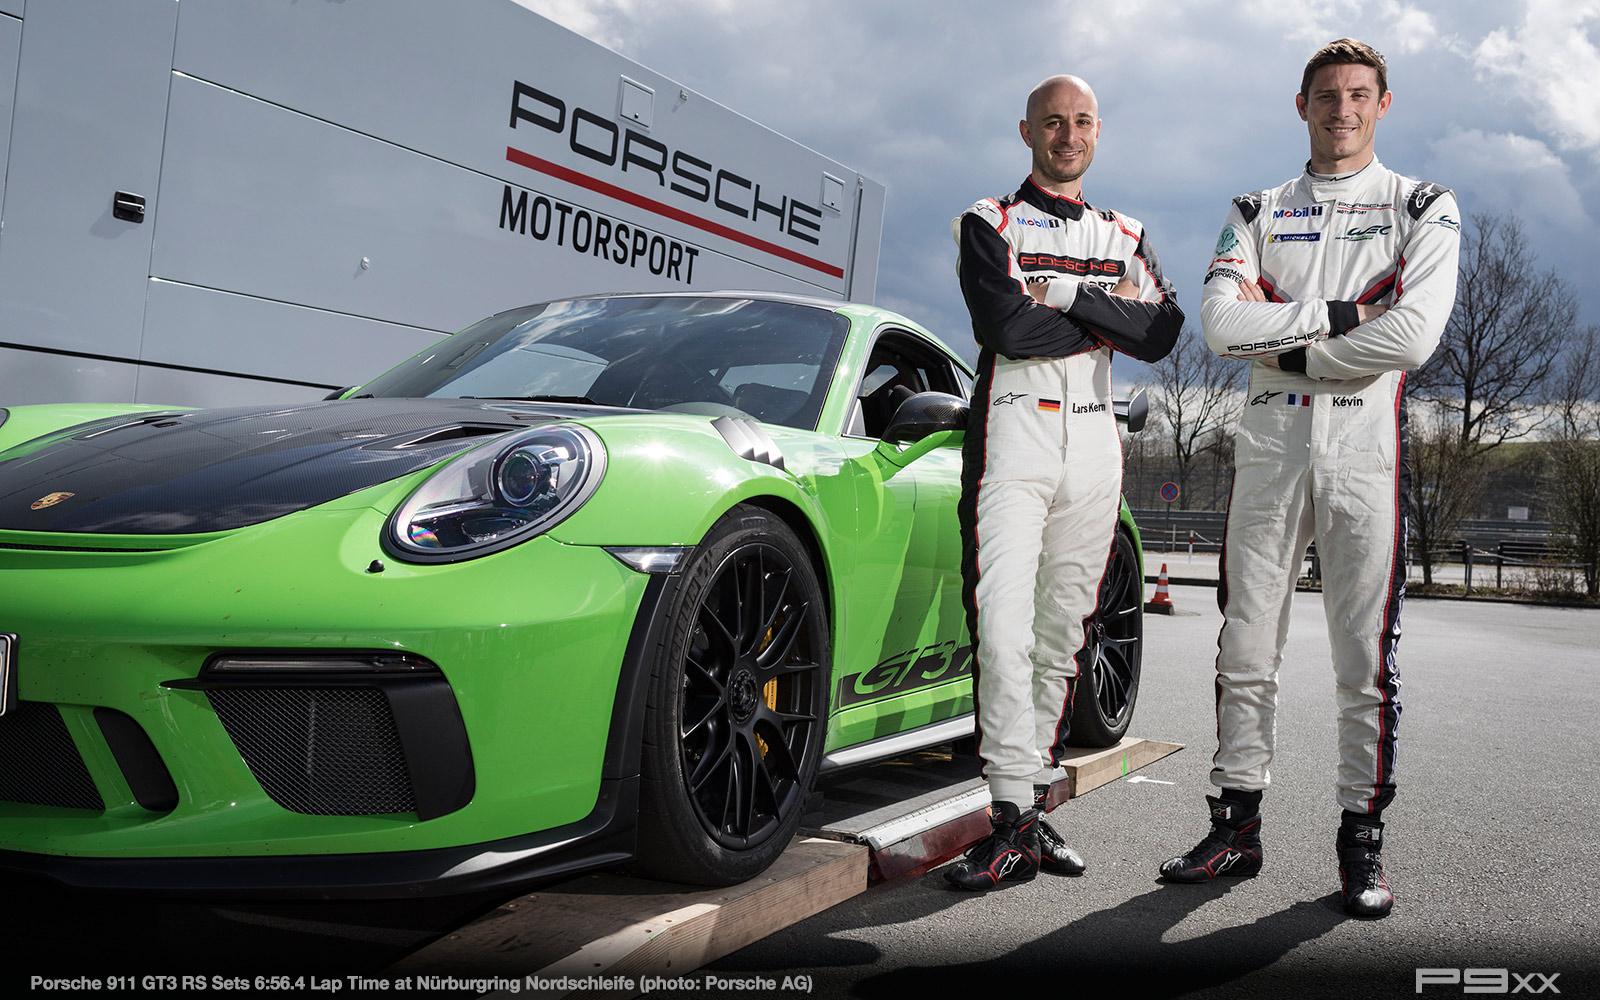 Porsche-911-9912-GT3-RS-Sets-Nurburgring-Lap-Time-281